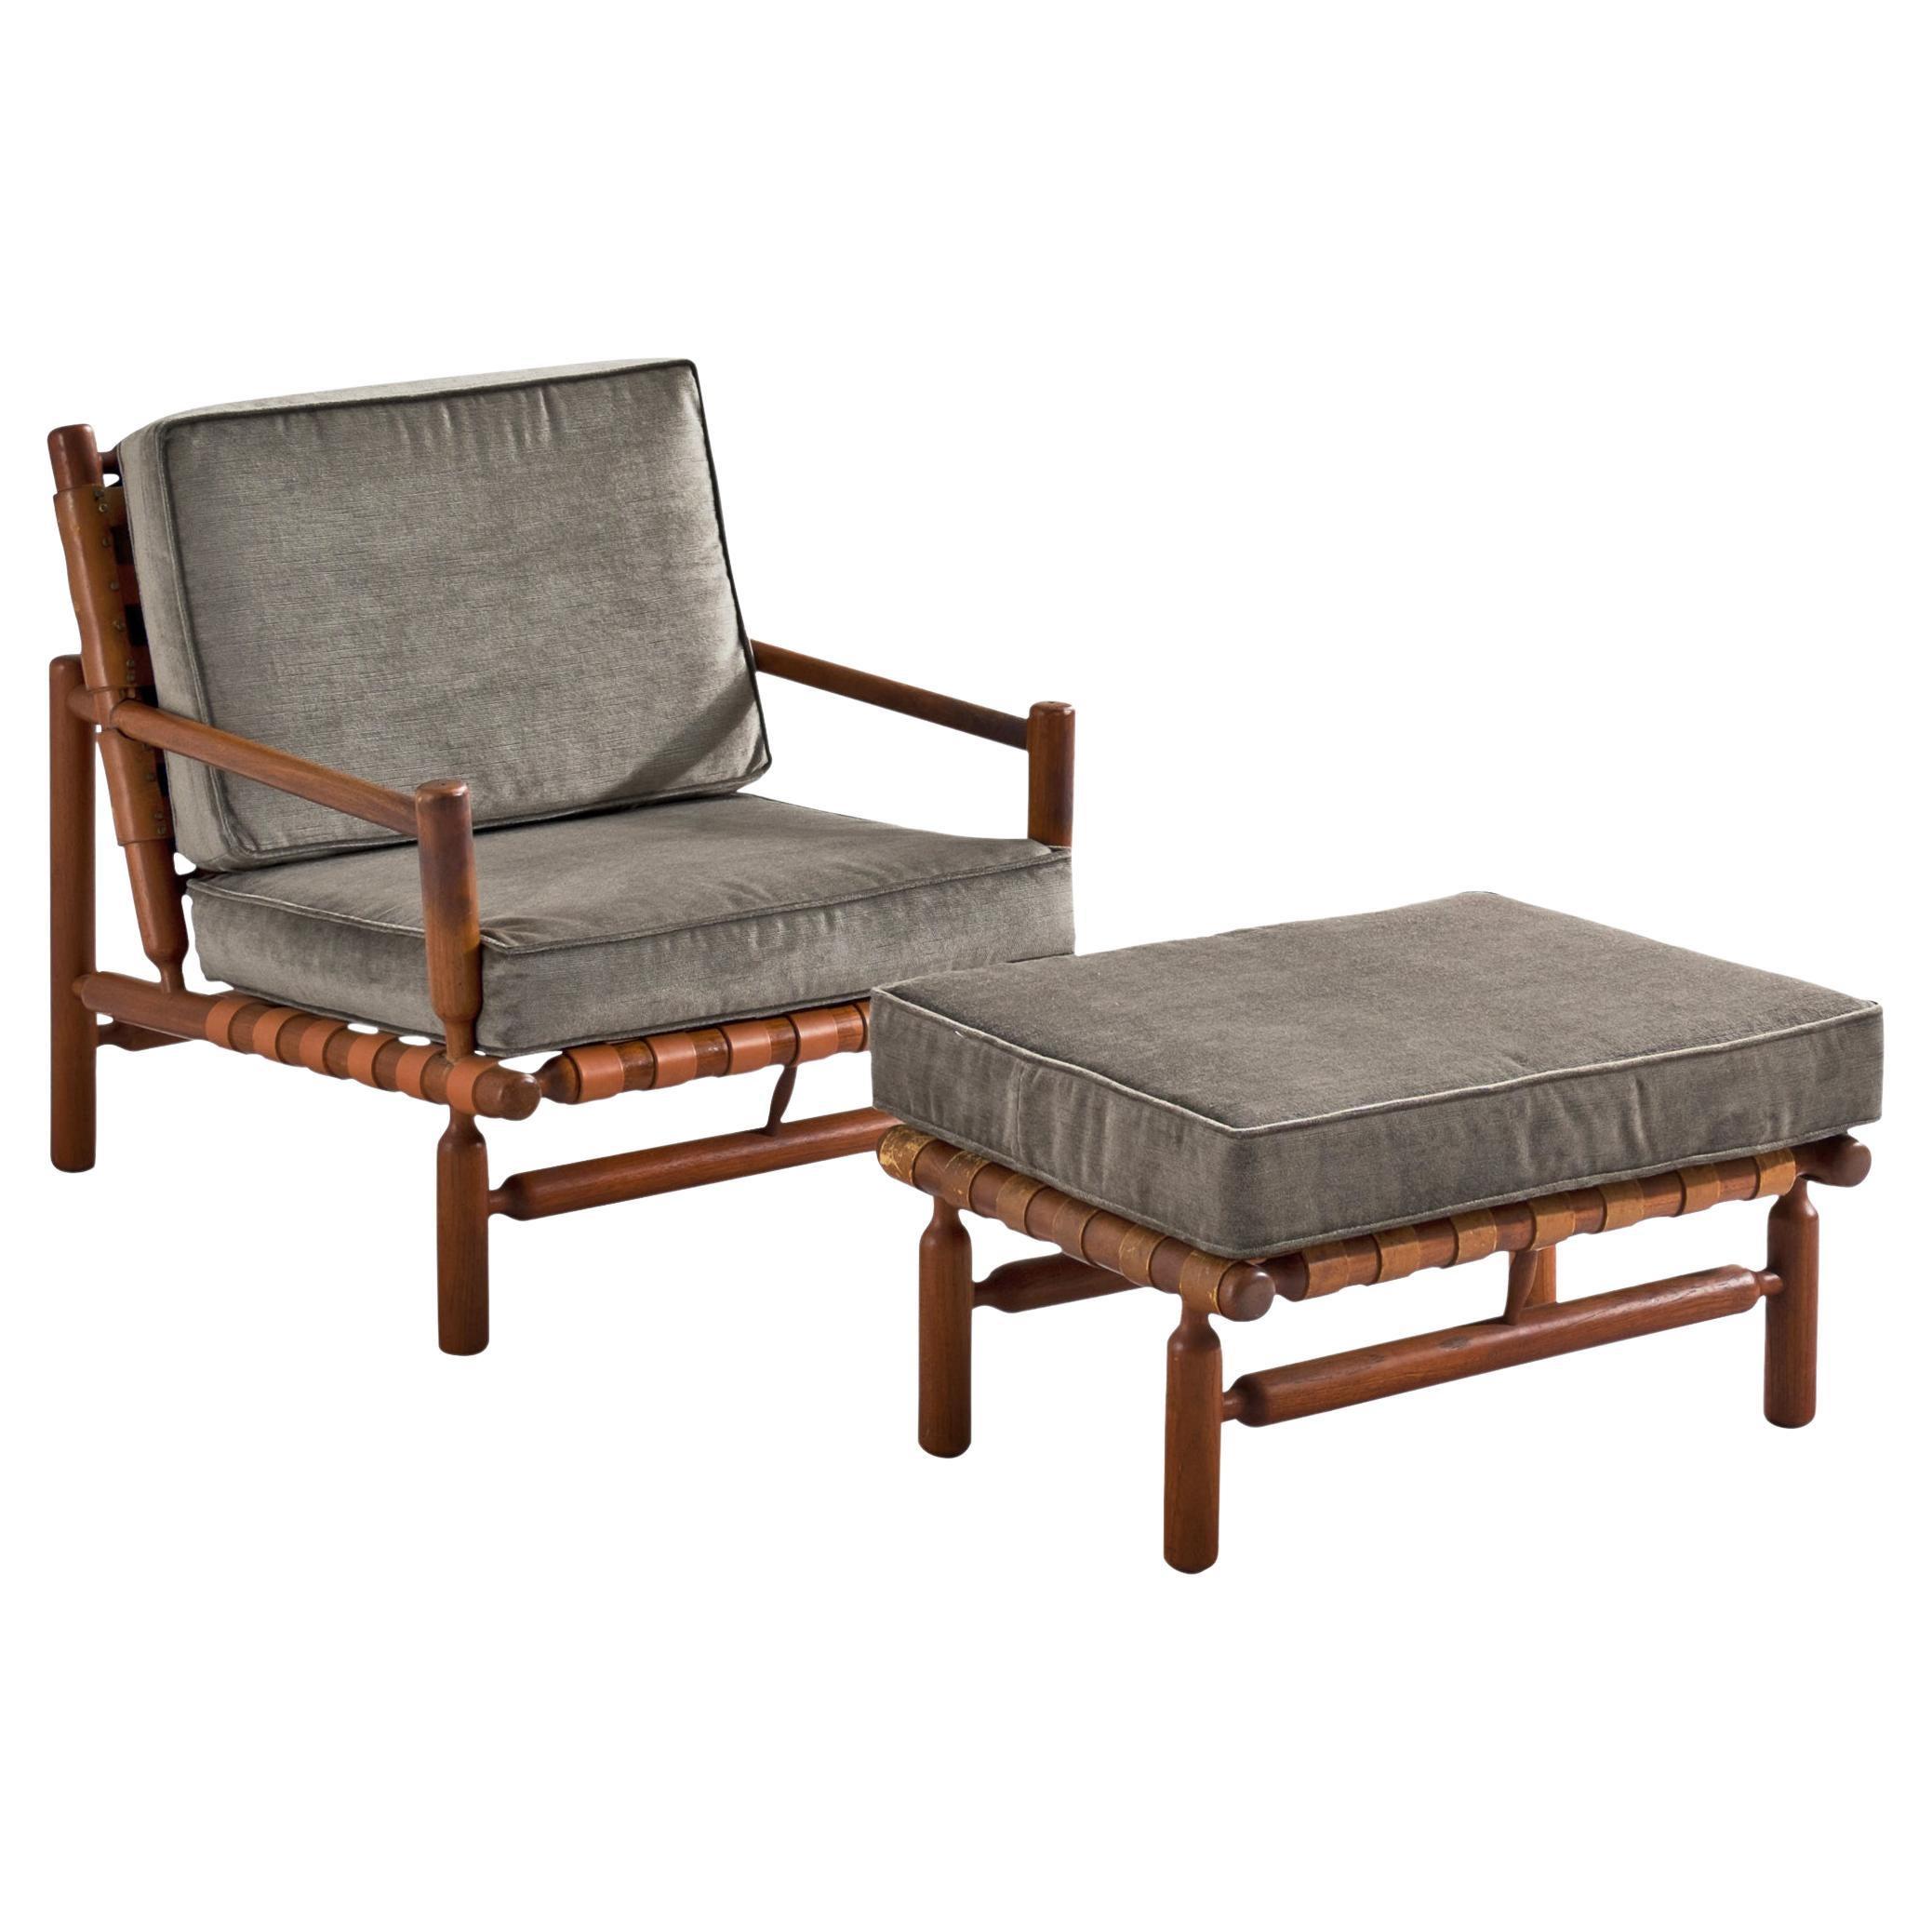 Ilmari Tapiovaara Lounge Chair in Teak